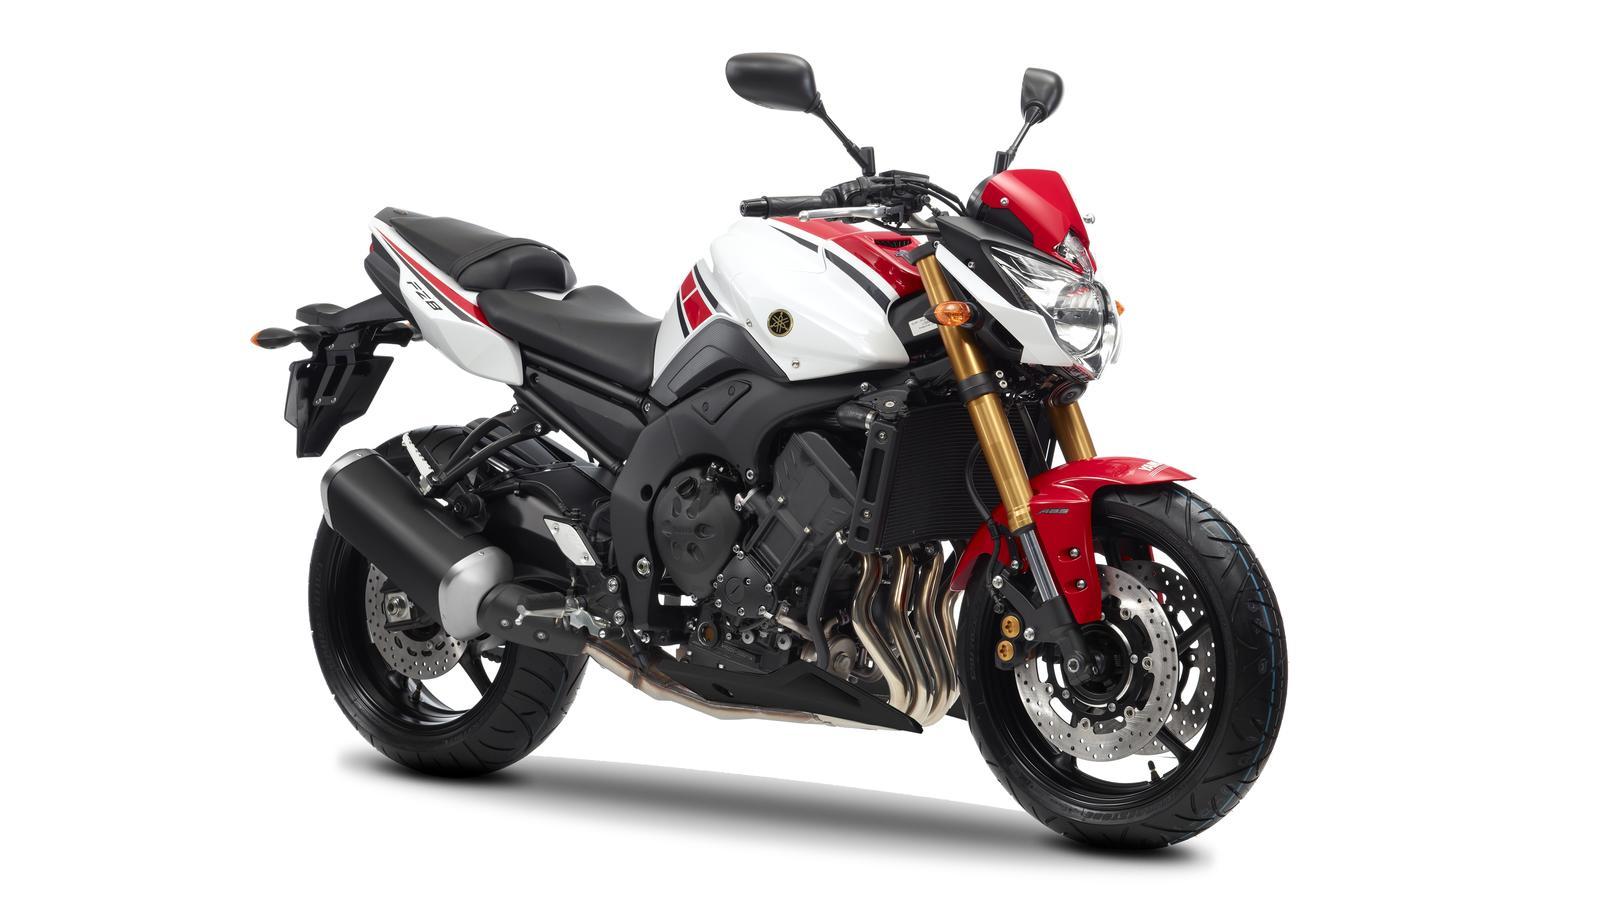 2012-Yamaha-FZ8-WGP-50th-Anniversary-EU-Anniversary-White-Studio-001.jpg